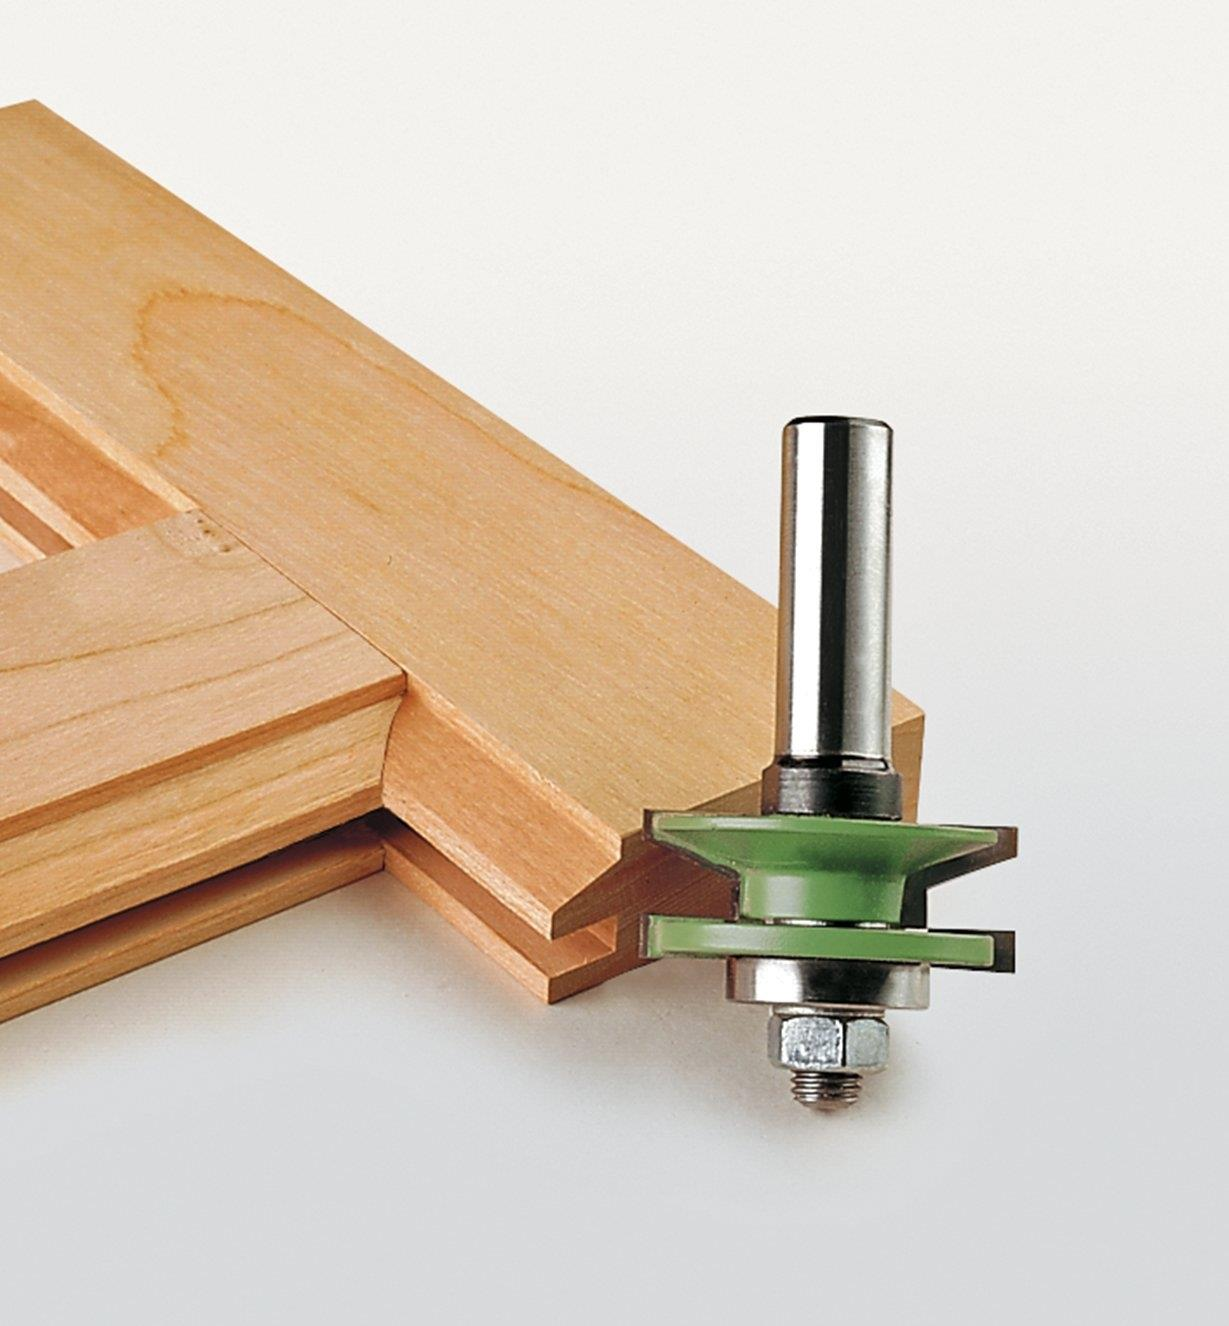 16J6792 - Petite mèche à biseauter pour profil et contre-profil à couteaux interchangeables, 1 5/8 po x 13/16 po